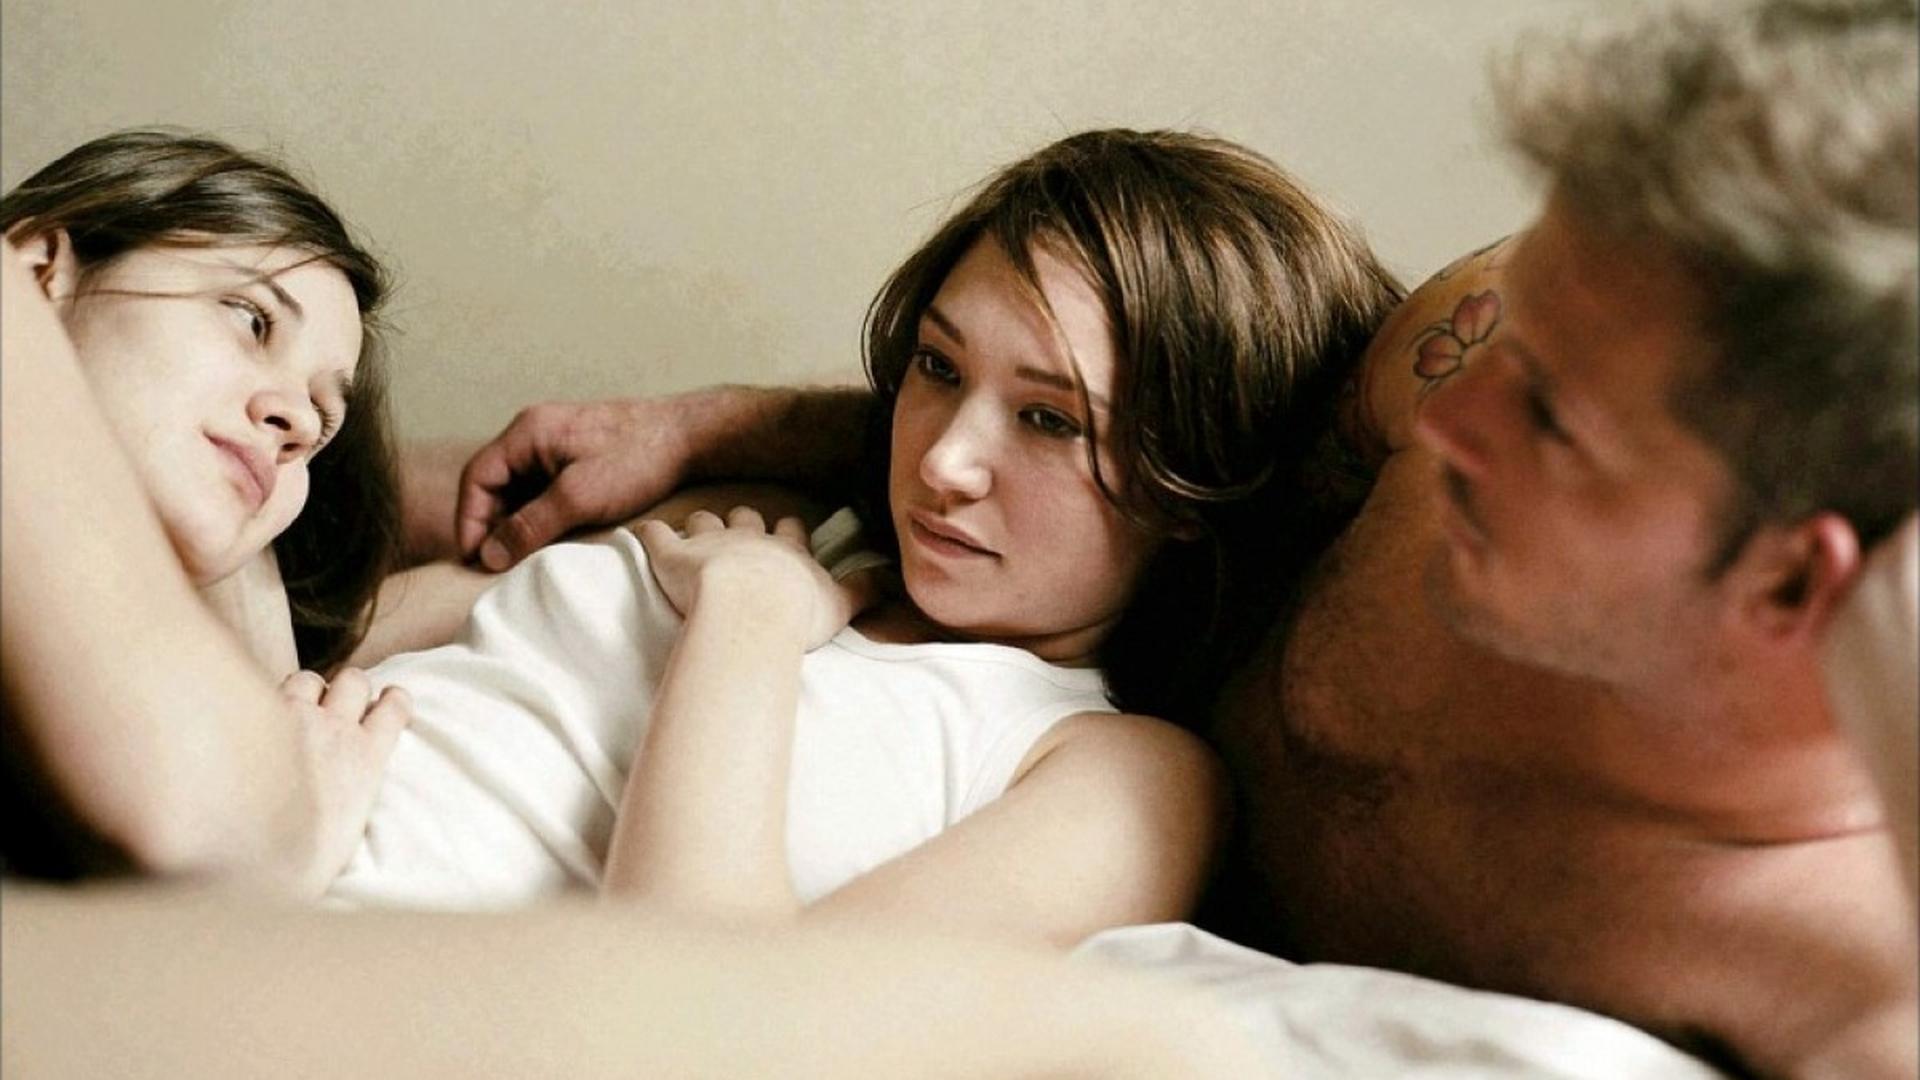 Секс в троём мужчина мужчина и женщина позы, Гид по сексу втроём: Как его организовать, чтобы всем 27 фотография